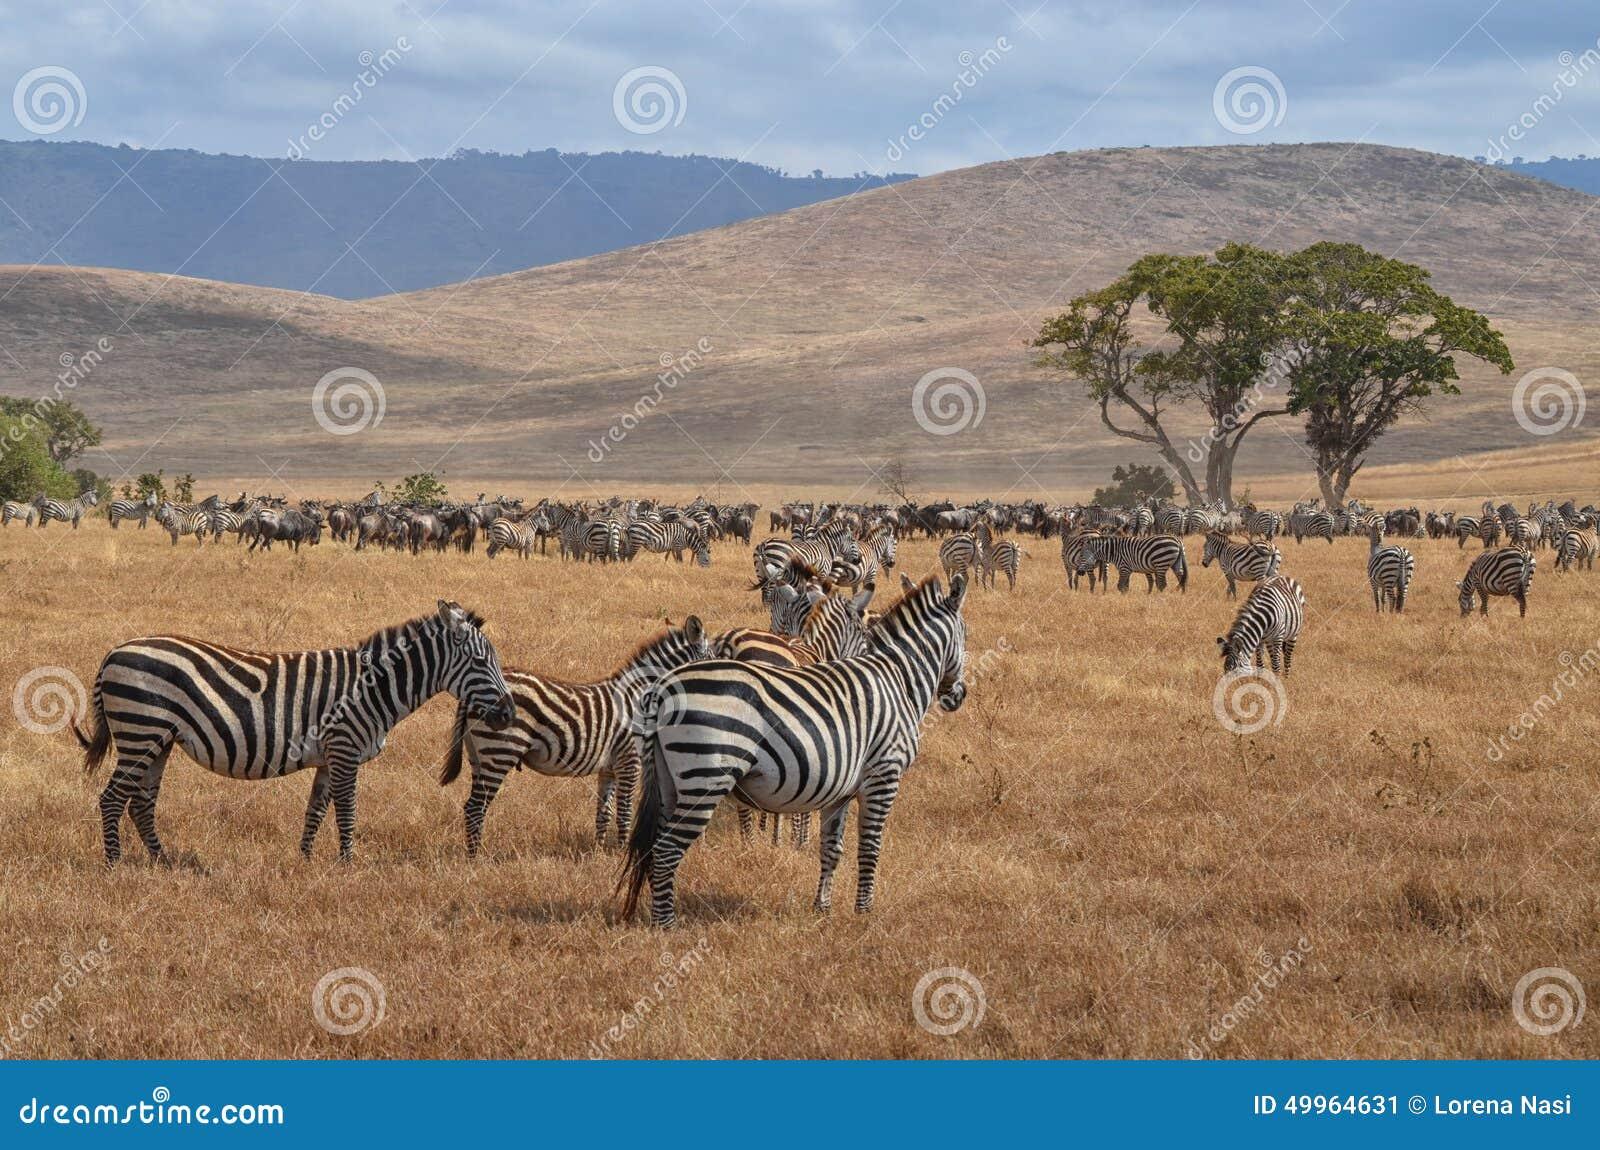 Herd of Zebras and Gnus